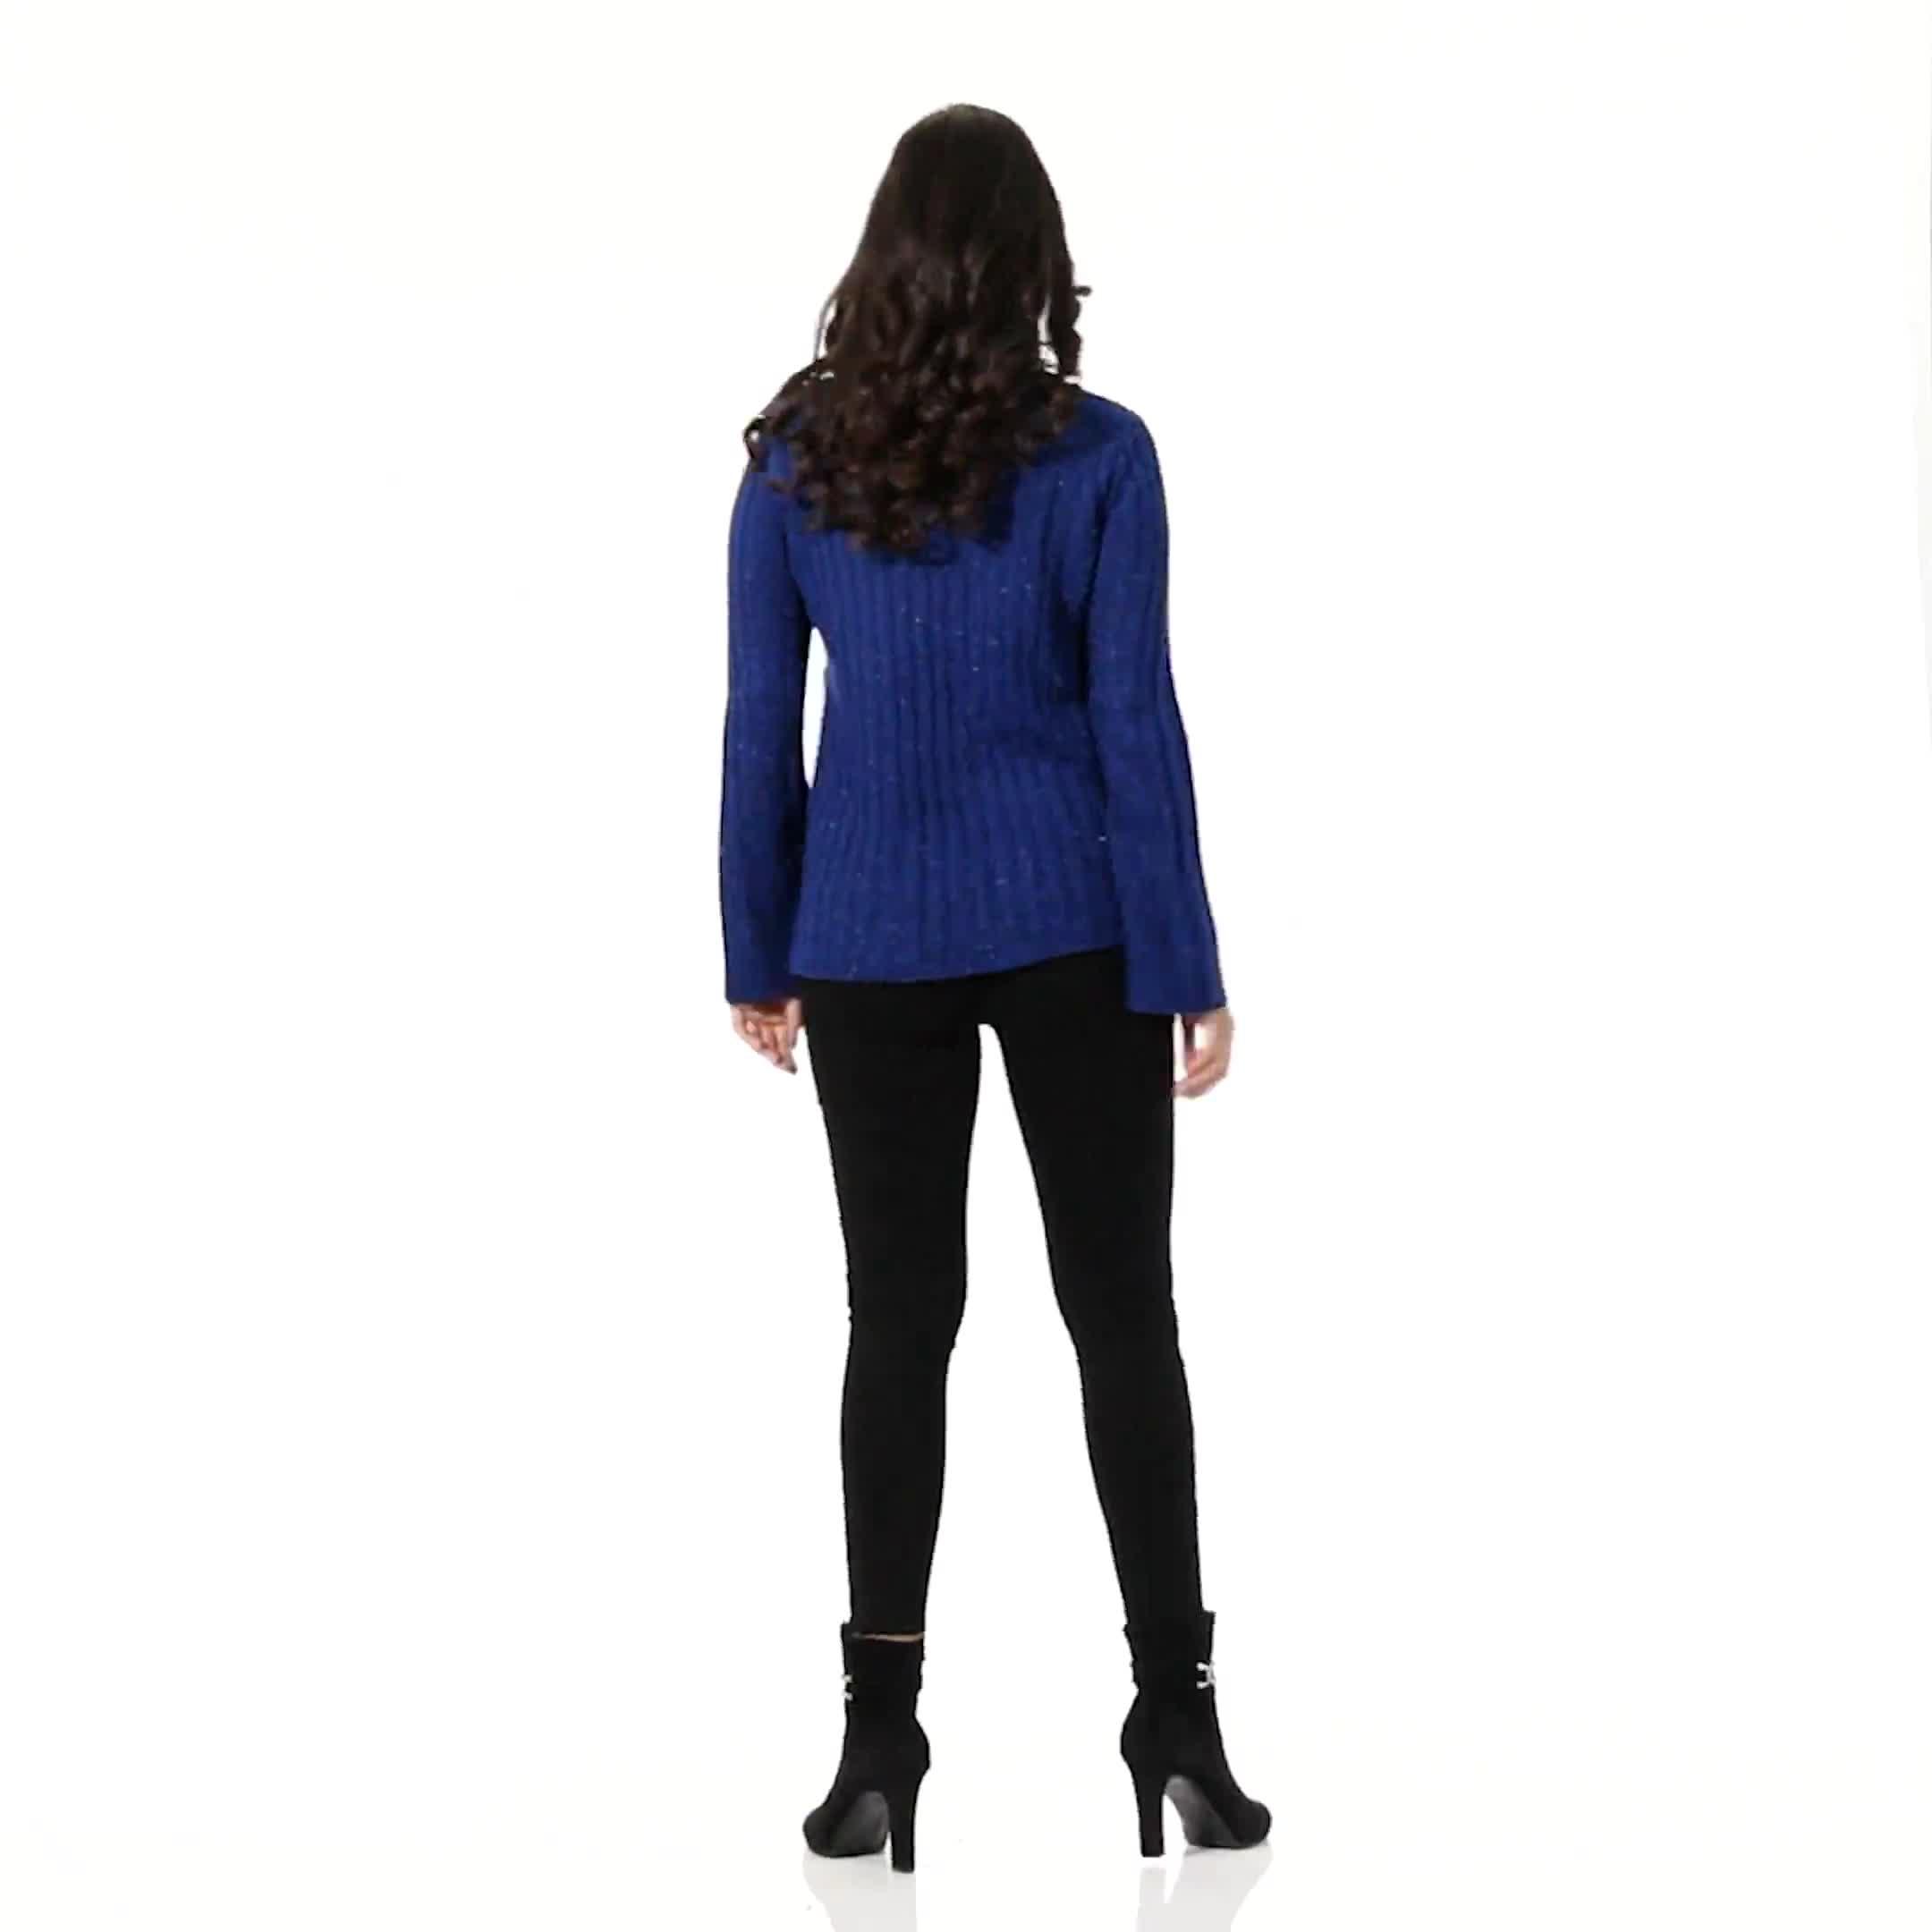 Westport Novelty Yarn Stitch Interest Sweater - Video